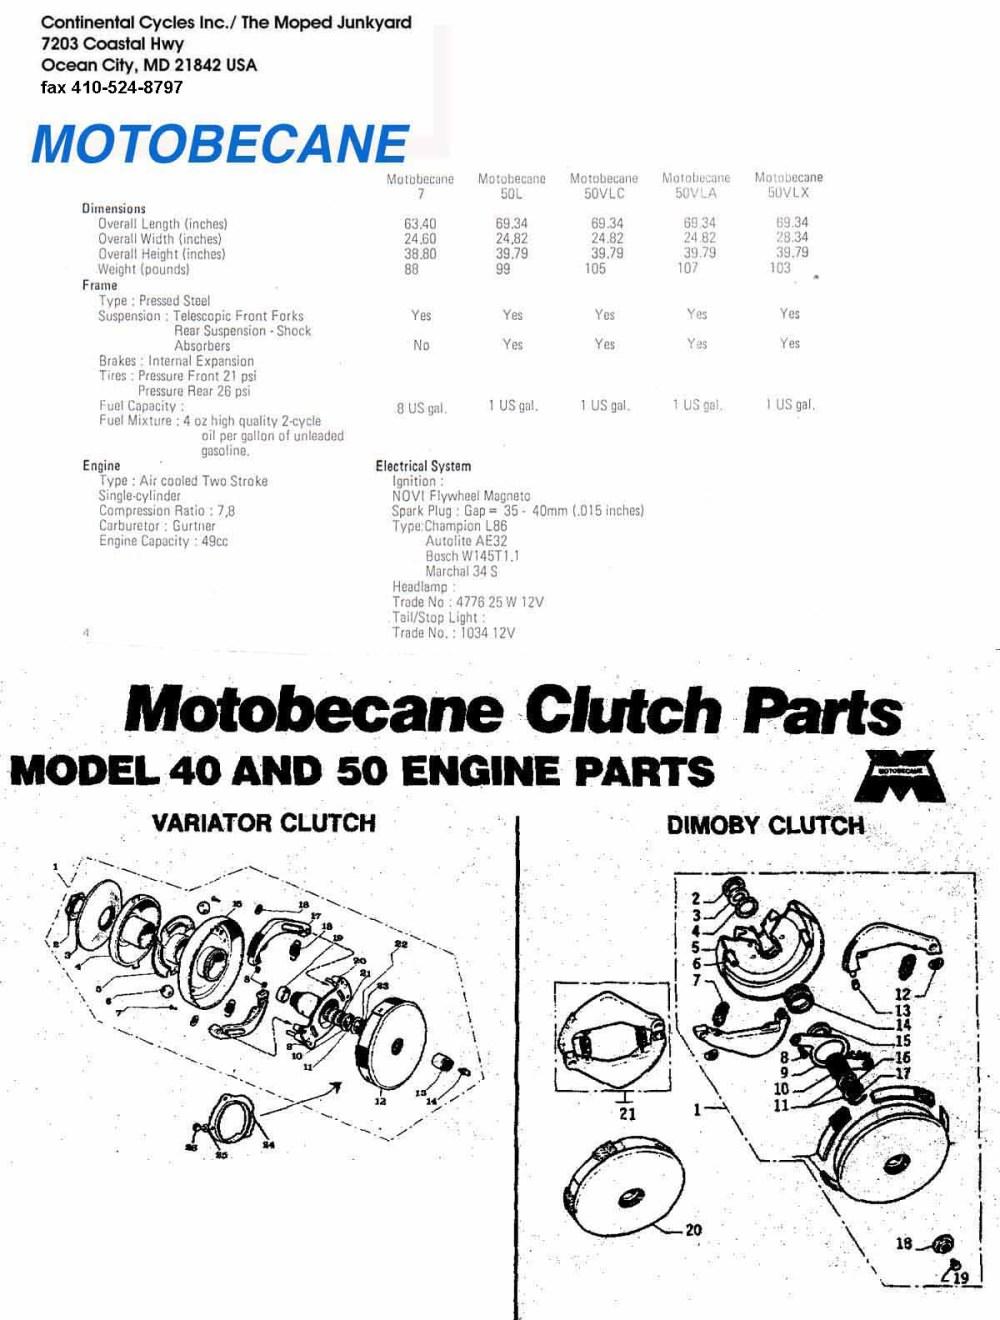 medium resolution of motobecane wiring diagram